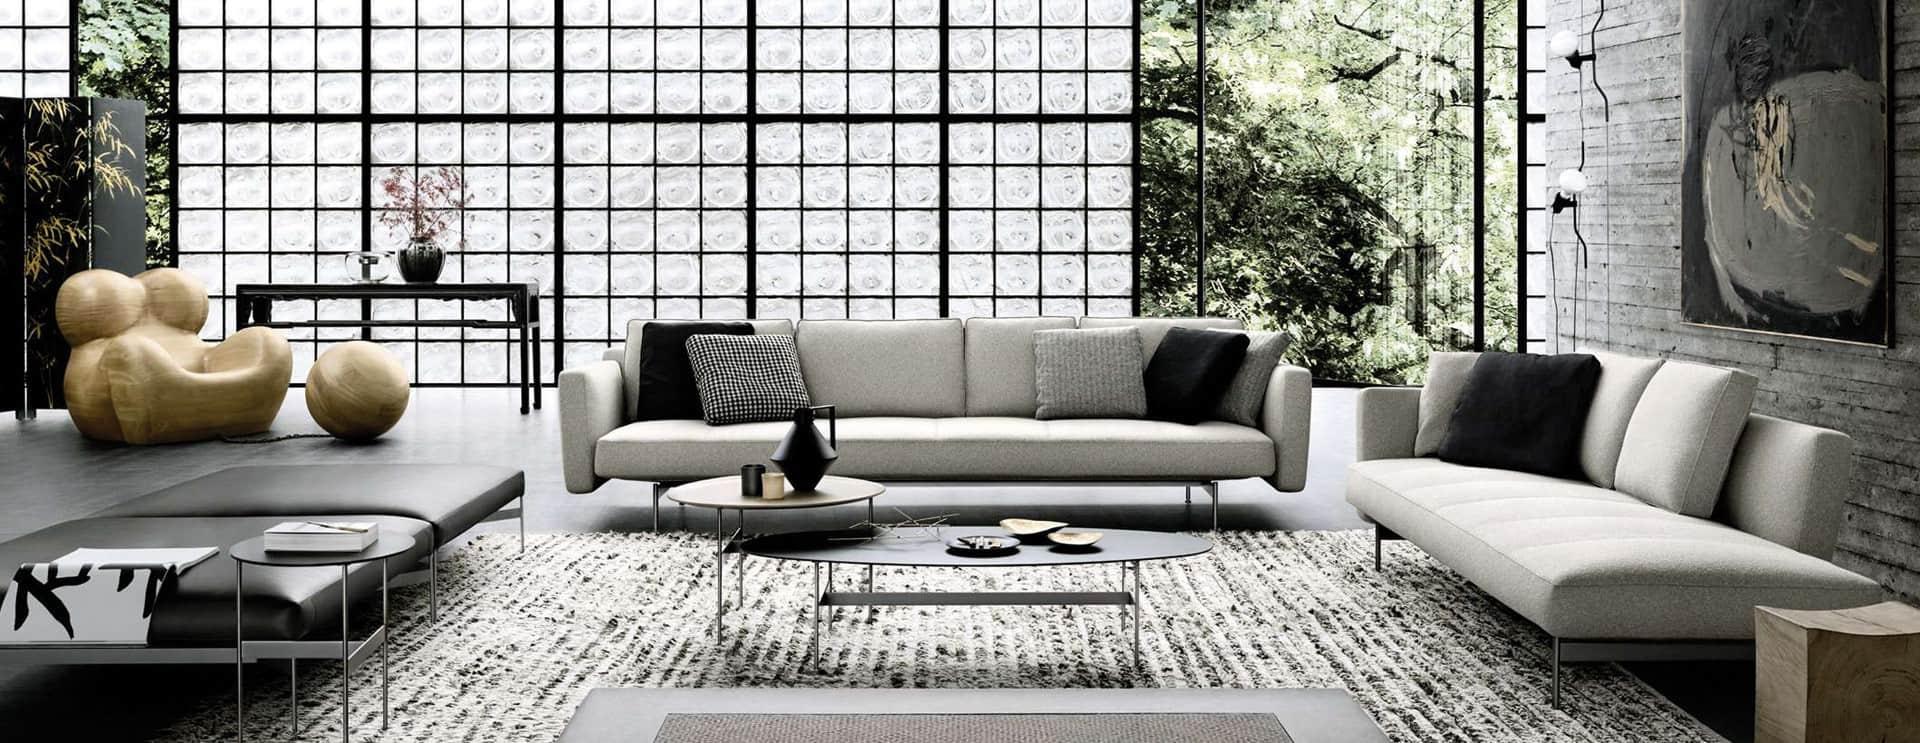 Interior Design: Professional Consultation from Cavallini1920. Nice gray designed room